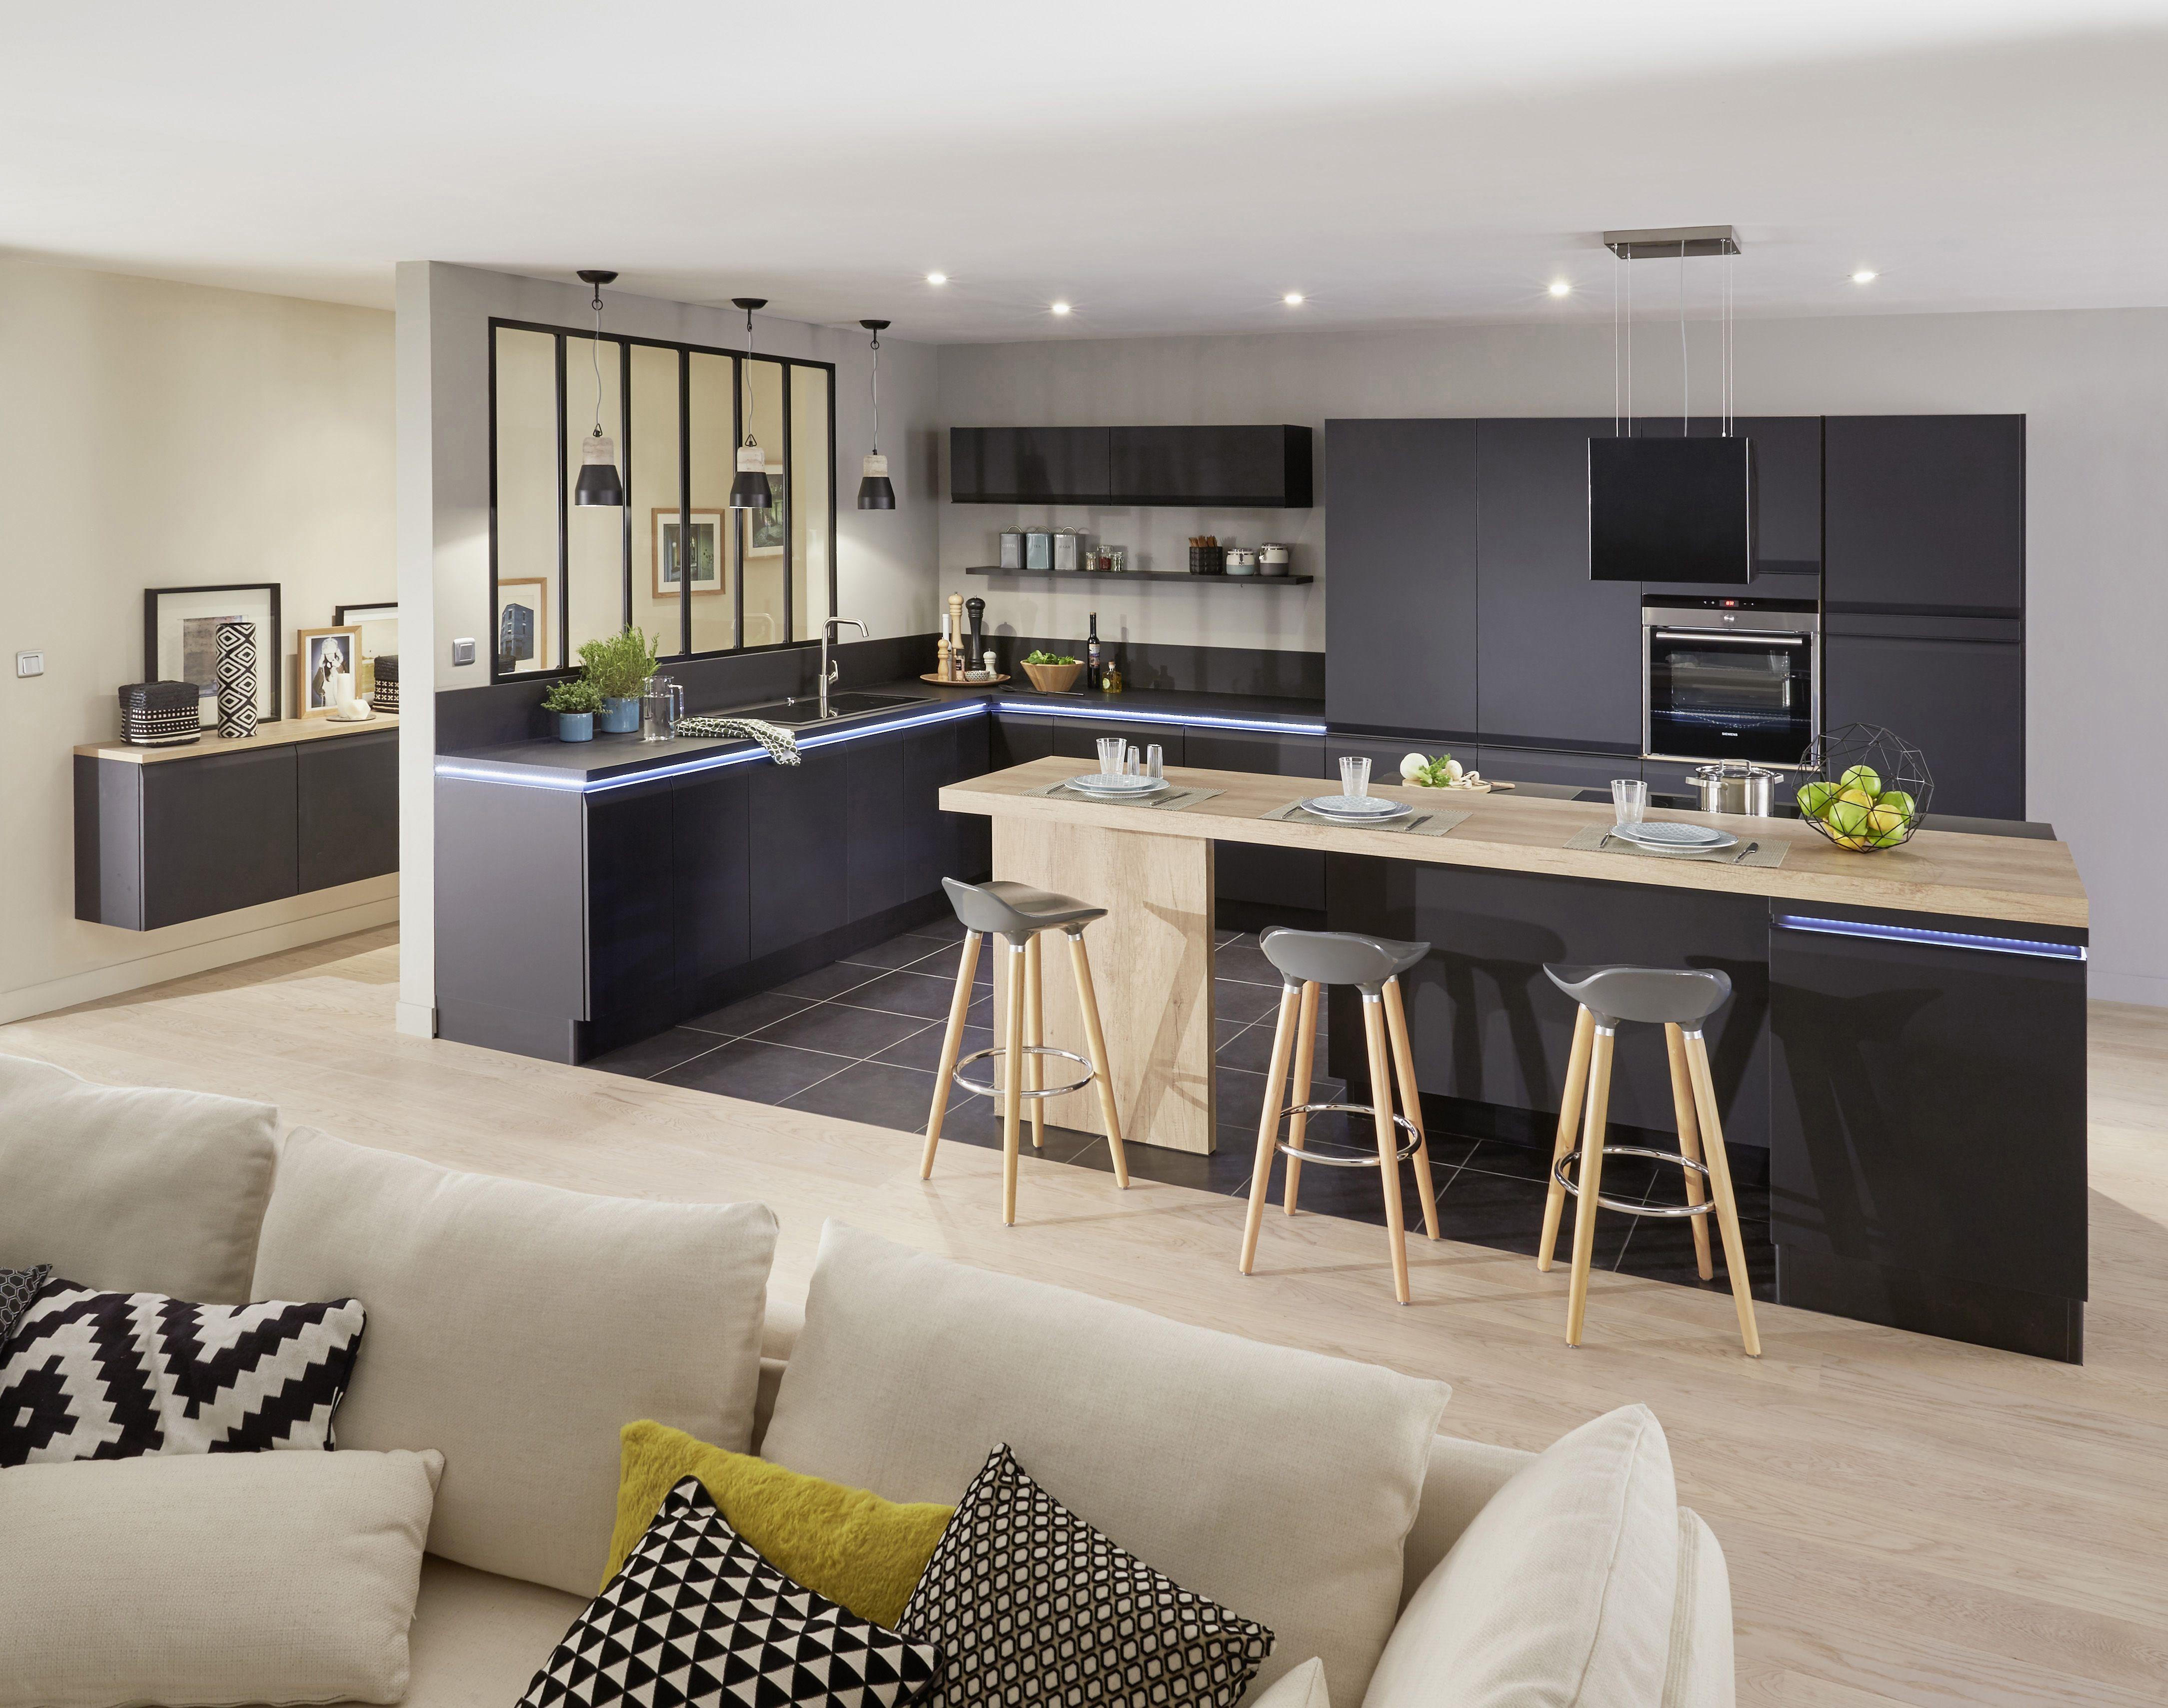 Charme Donkere Interieurs : Cuisine ytrac noir usez du charme de votre cuisine ytrac pour